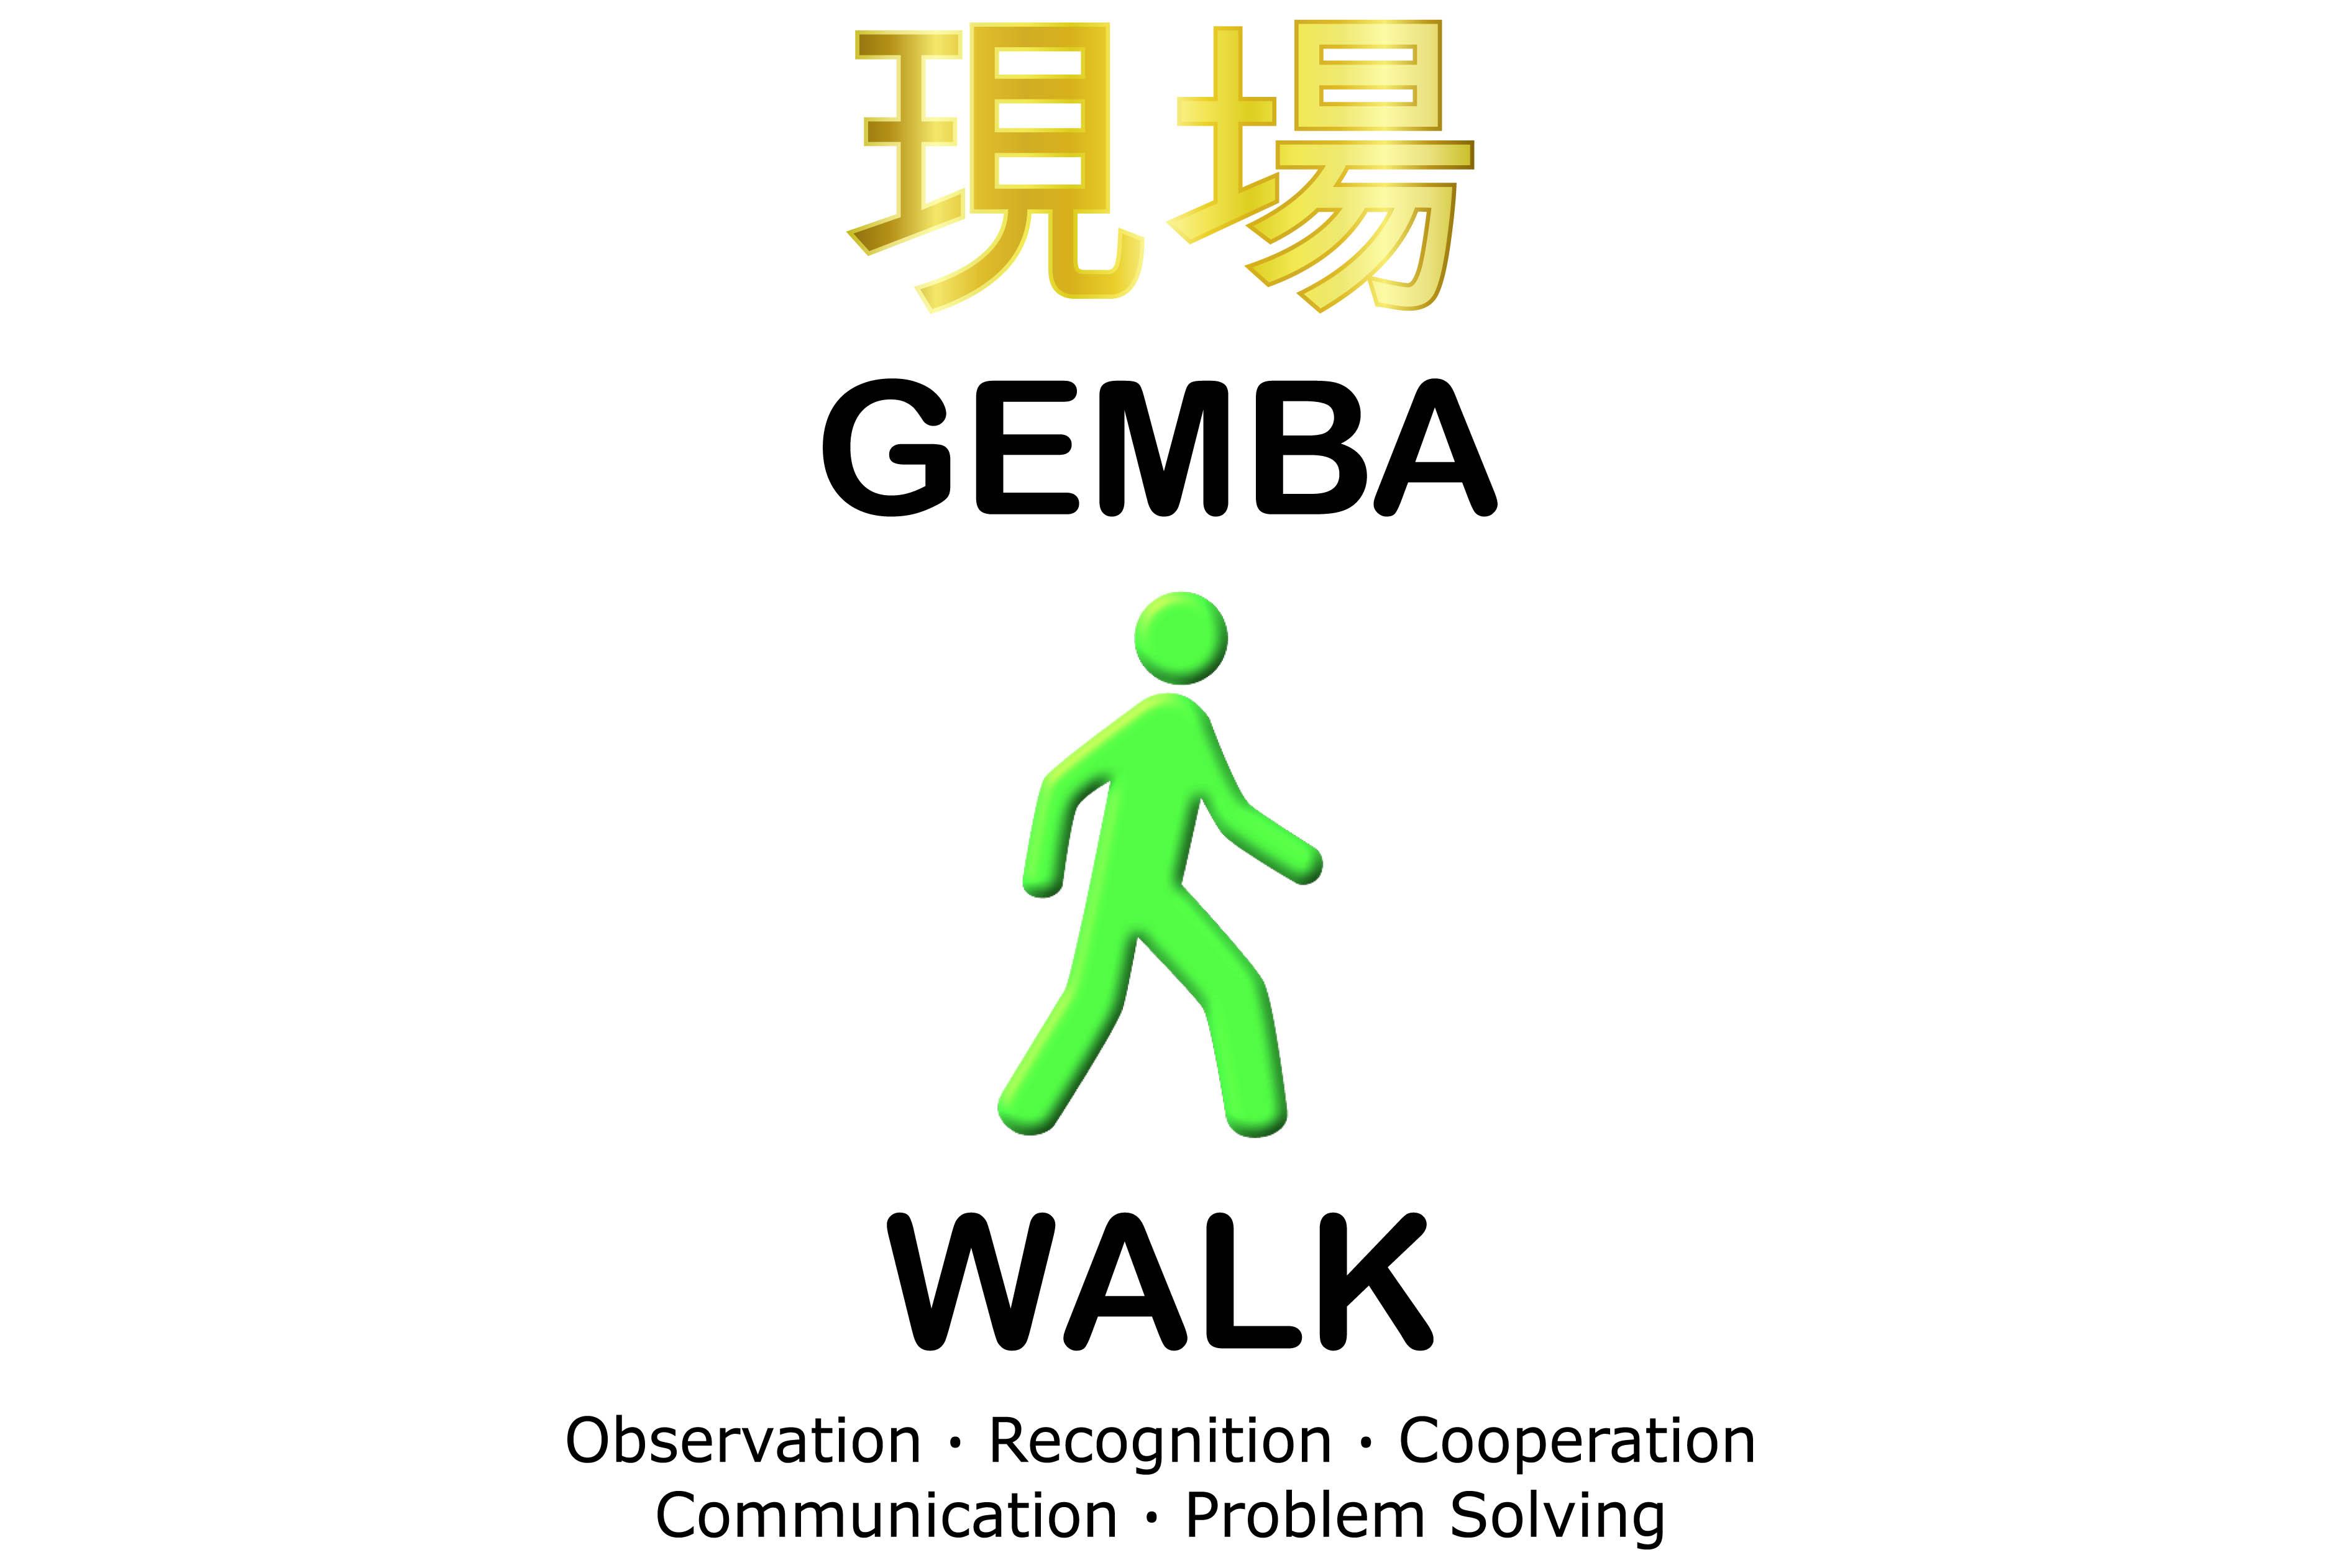 Что это - гемба? как это связано с японской философией кайдзен?